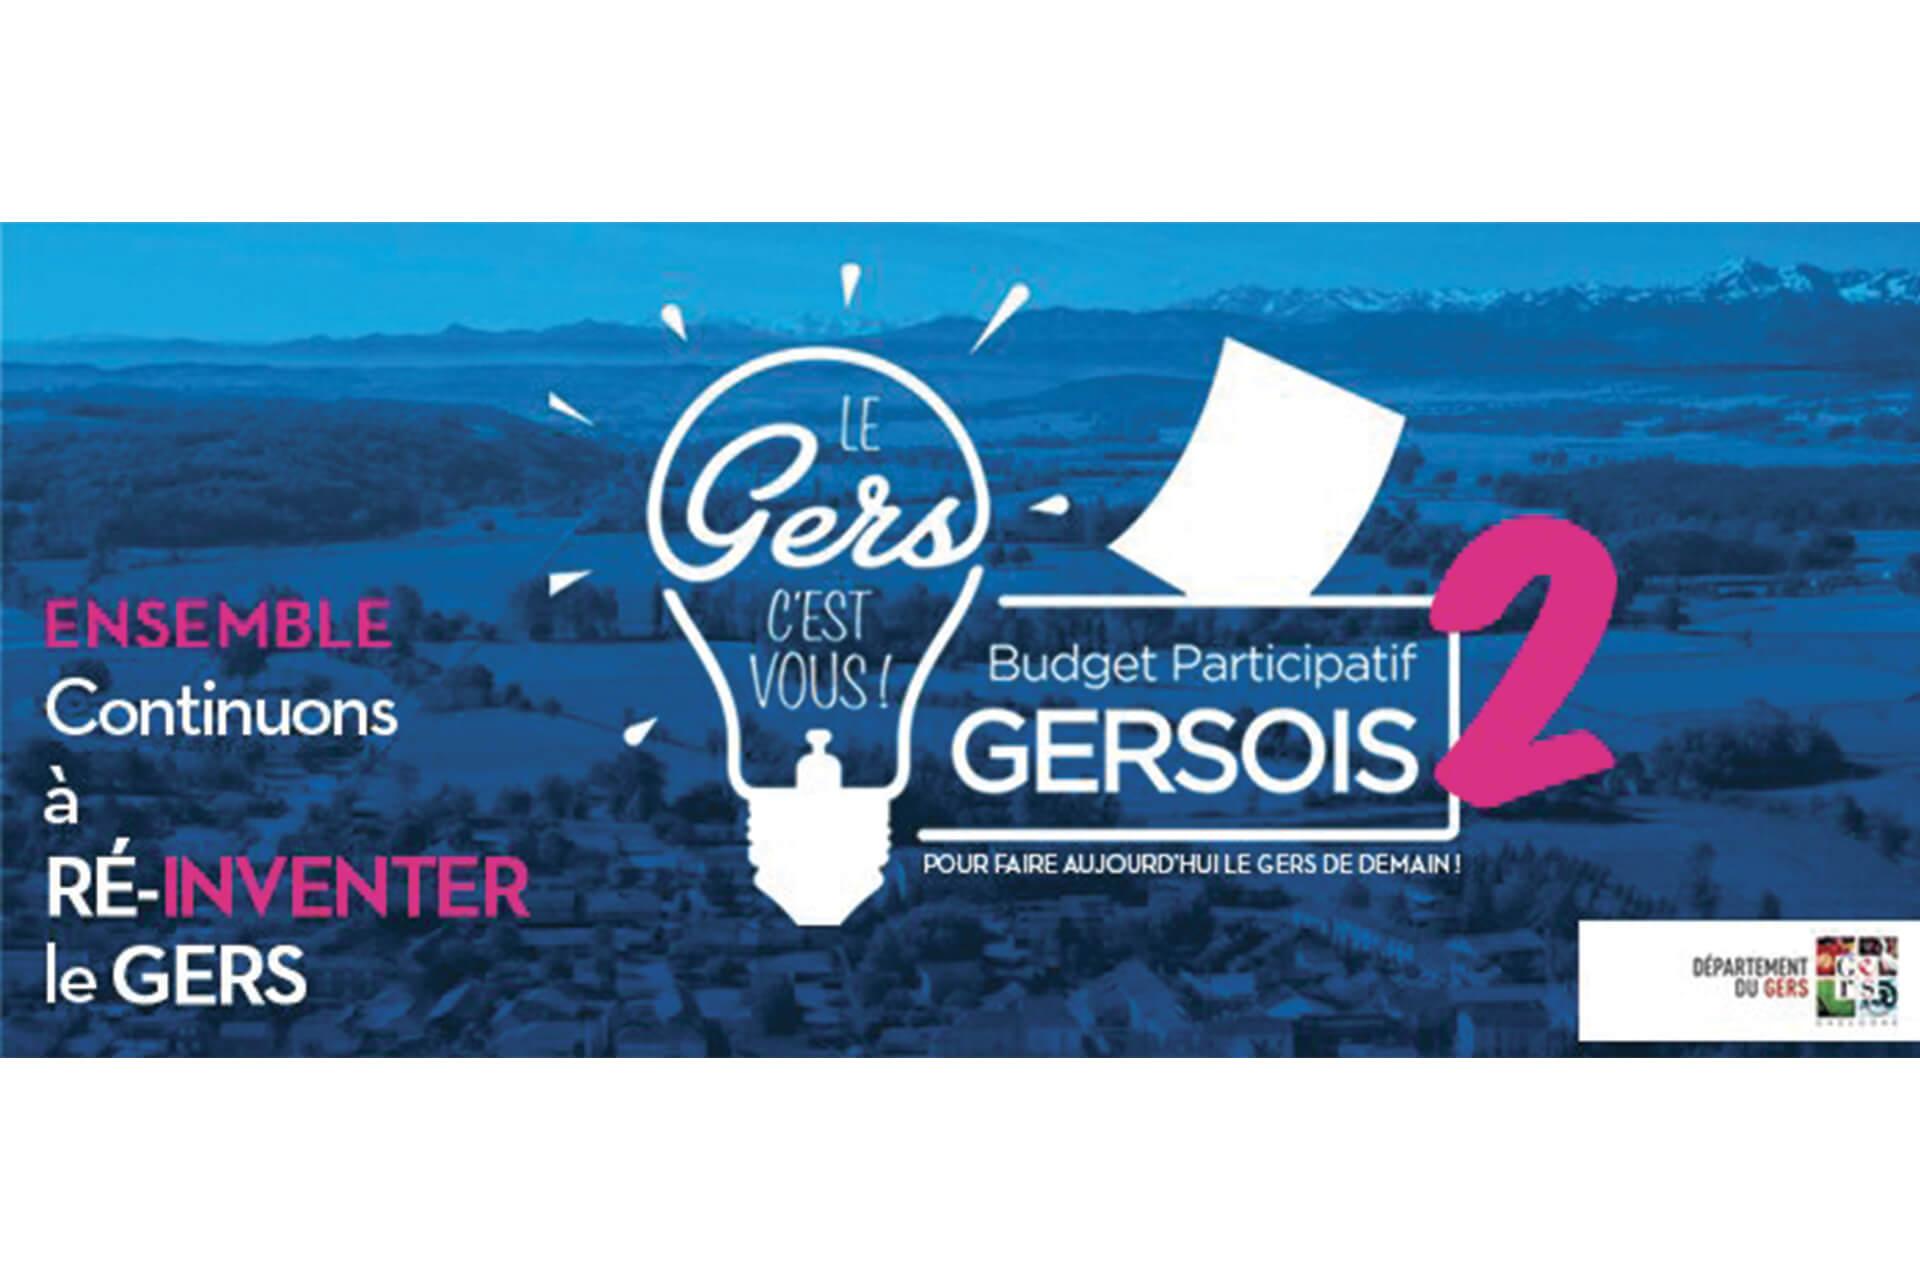 Budget Participatif Gersois